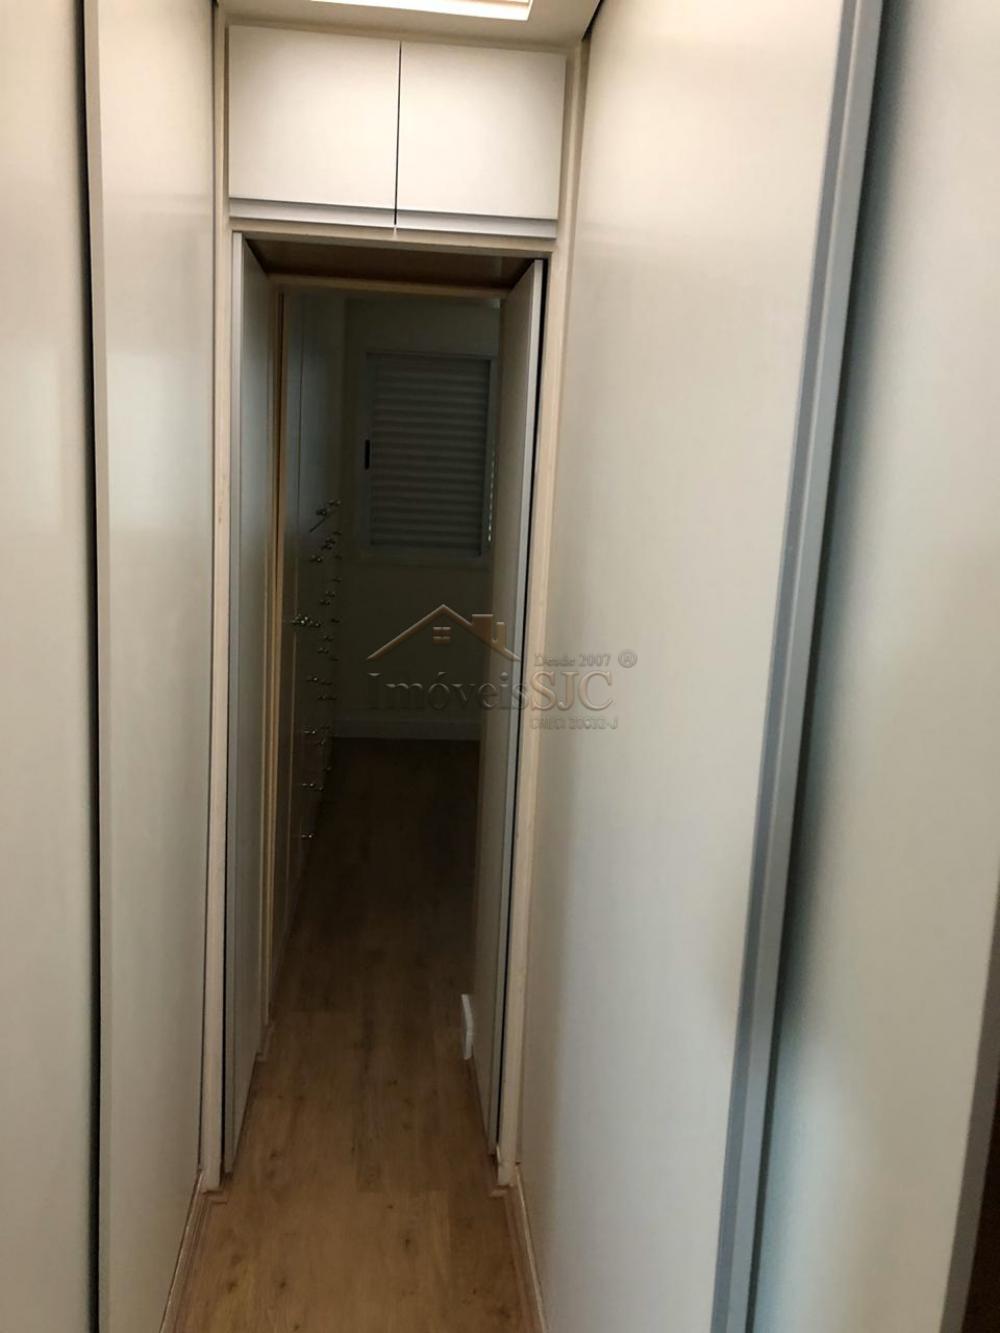 Alugar Apartamentos / Cobertura em São José dos Campos apenas R$ 3.300,00 - Foto 16